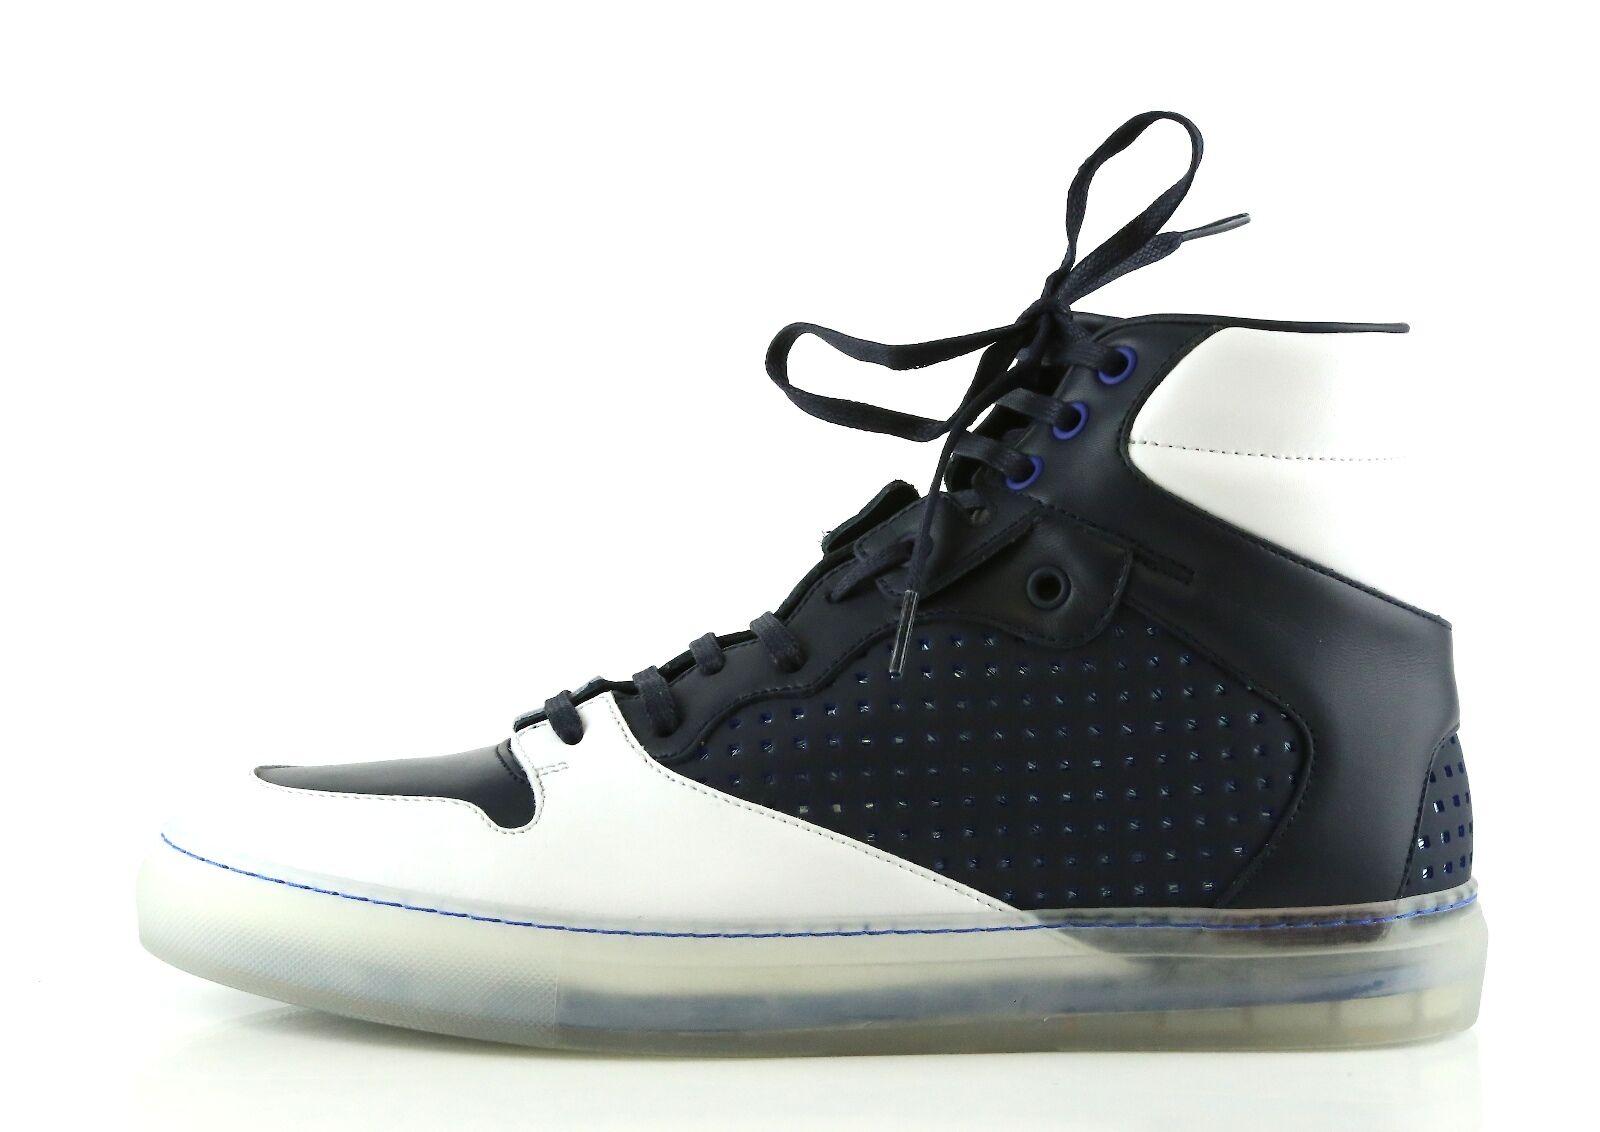 BALENCIAGA Men's Pelle S. Gomme Navy bluee High Top Sneakers 6073 Size 40 EU